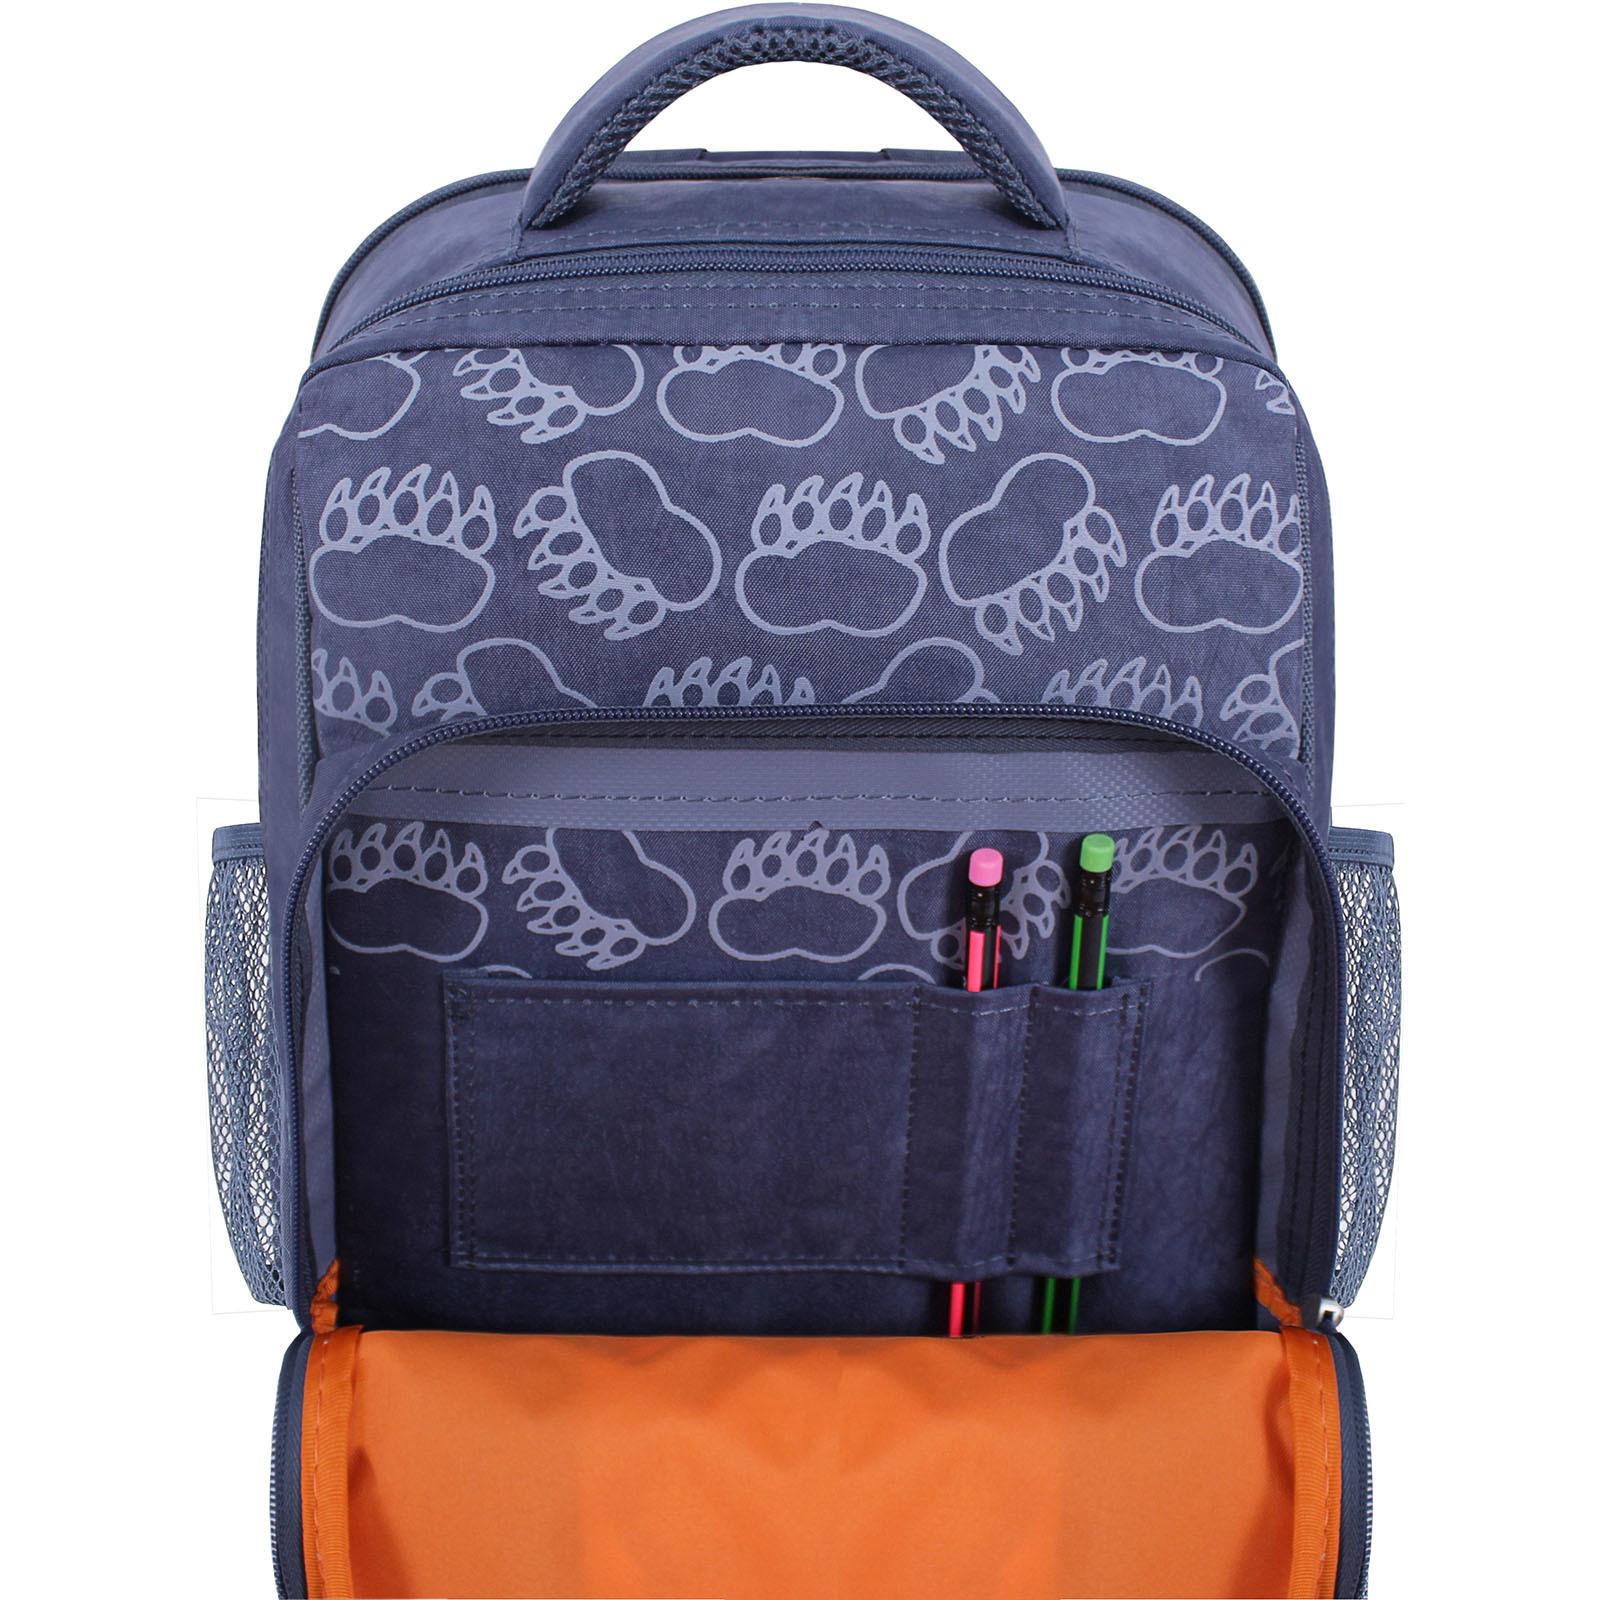 Рюкзак школьный Bagland Школьник 8 л. 321 серый 509 (00112702) фото4